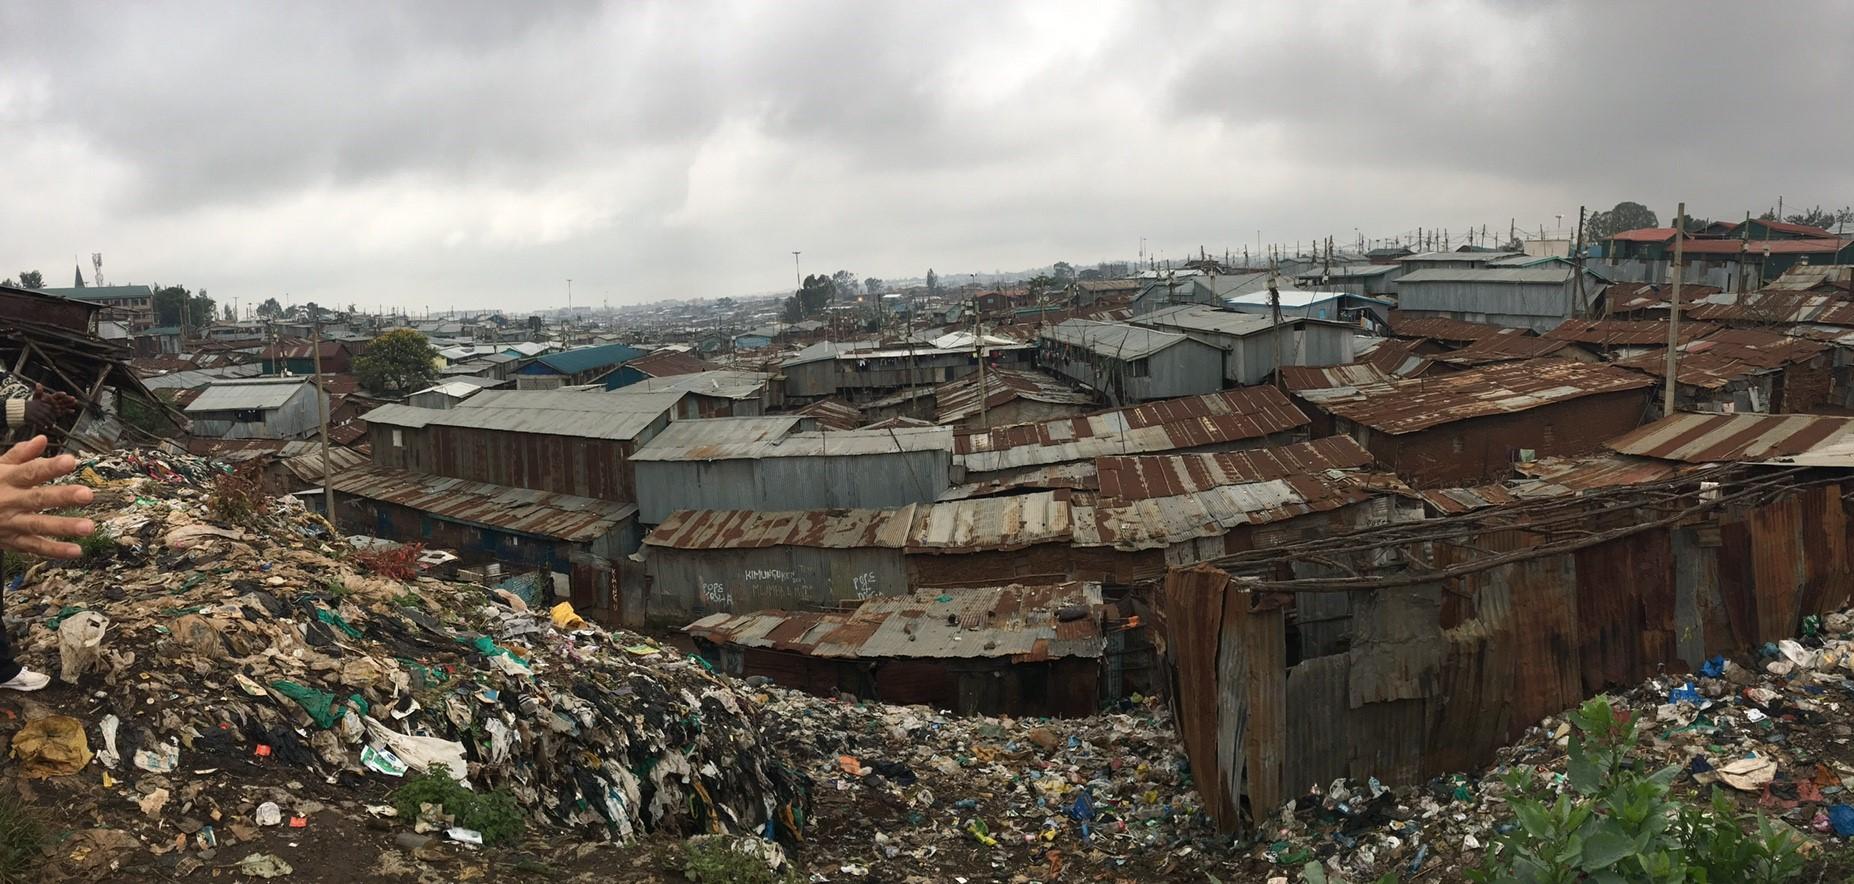 アフリカ最大級のスラム街、キベラスラムを訪れて 高橋沙織